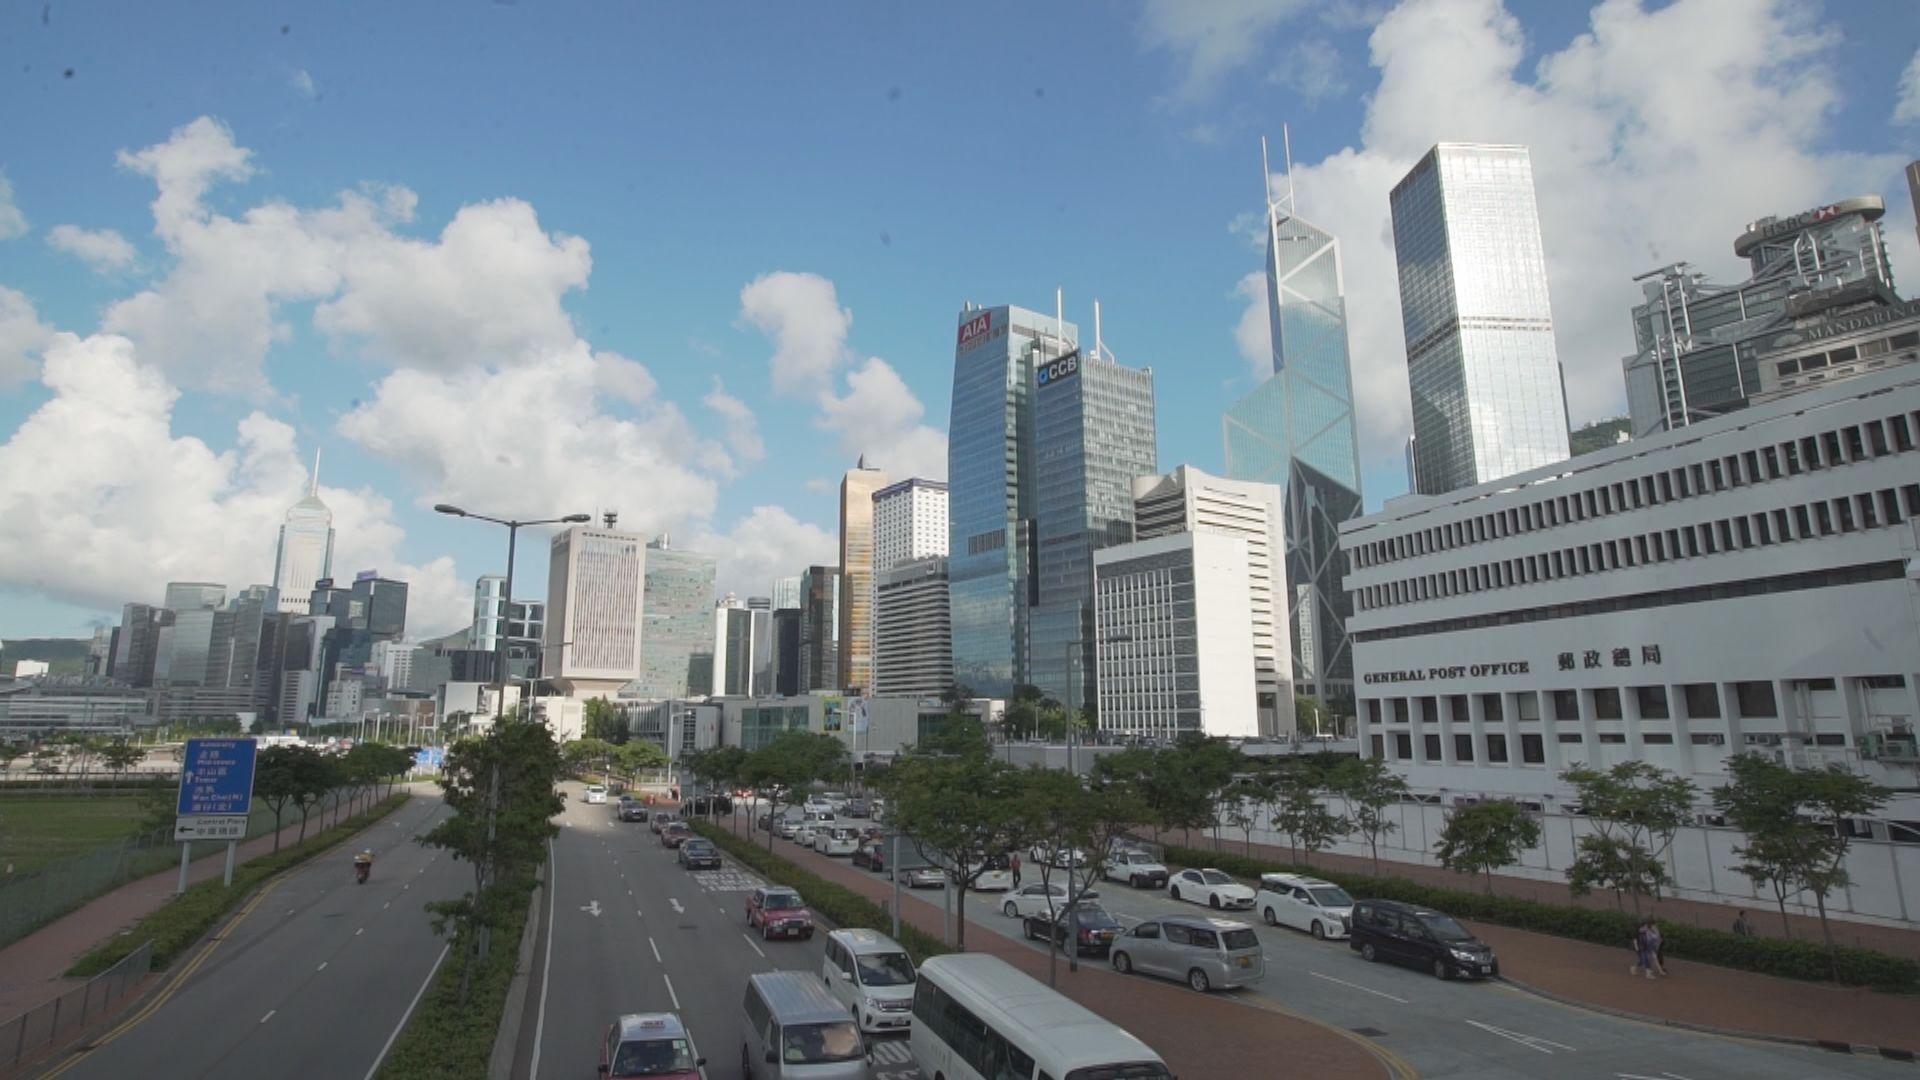 香港全球競爭力跌至第7 政府:對香港長遠經濟有信心